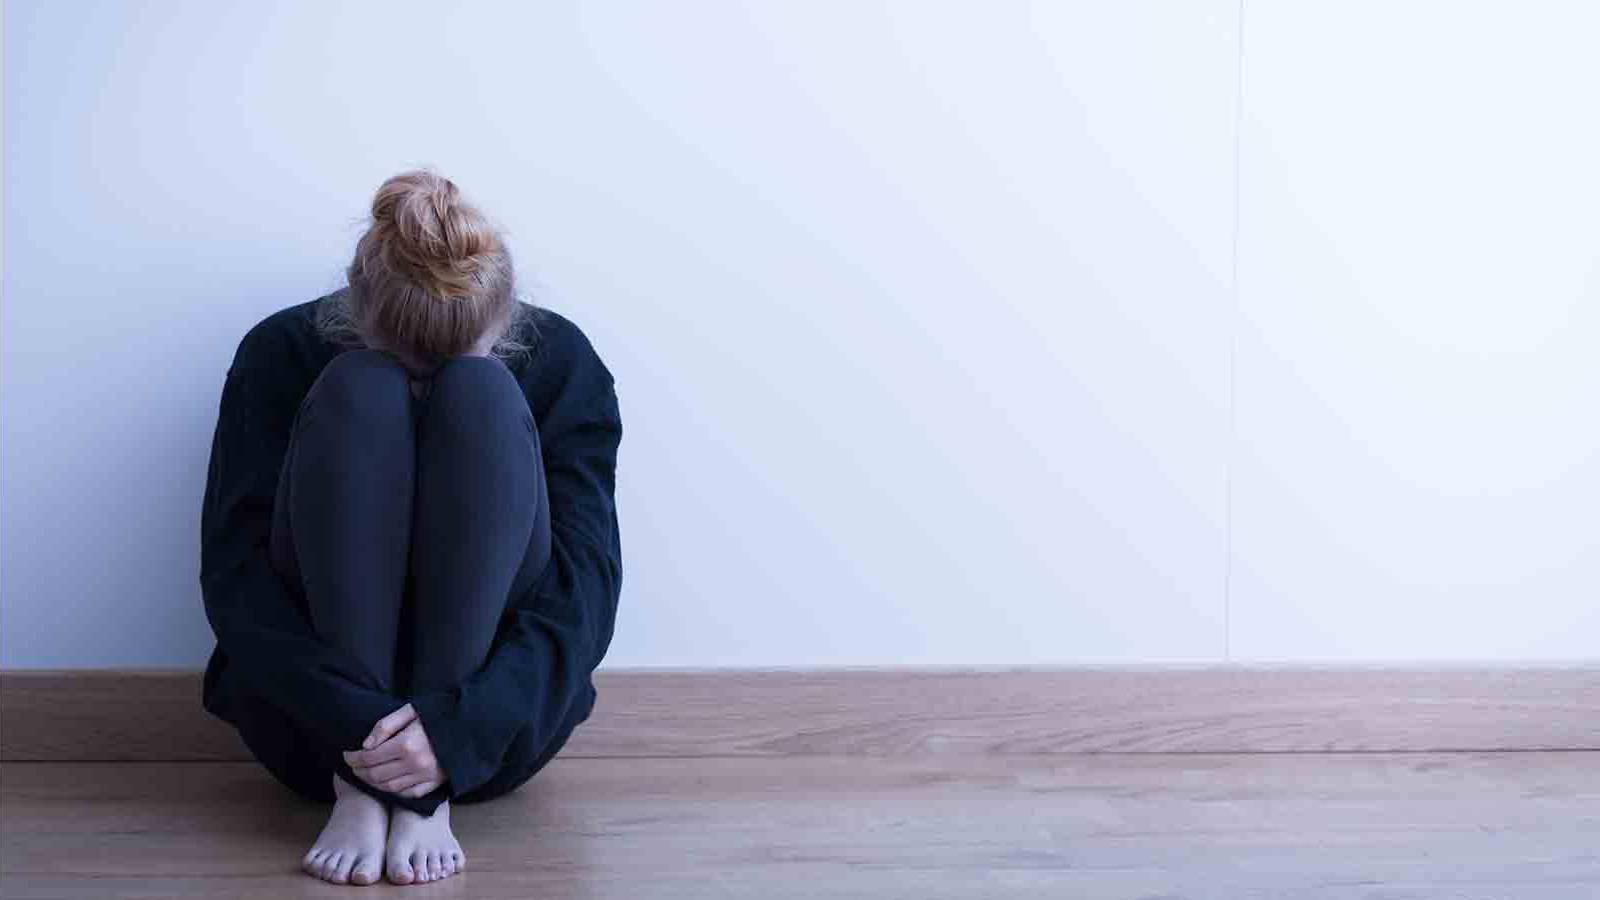 Rối loạn ám ảnh cưỡng chế (OCD) là một bệnh rối loạn tâm thần ảnh hưởng tiêu cực đến cách suy nghĩ và hành vi của bệnh nhân